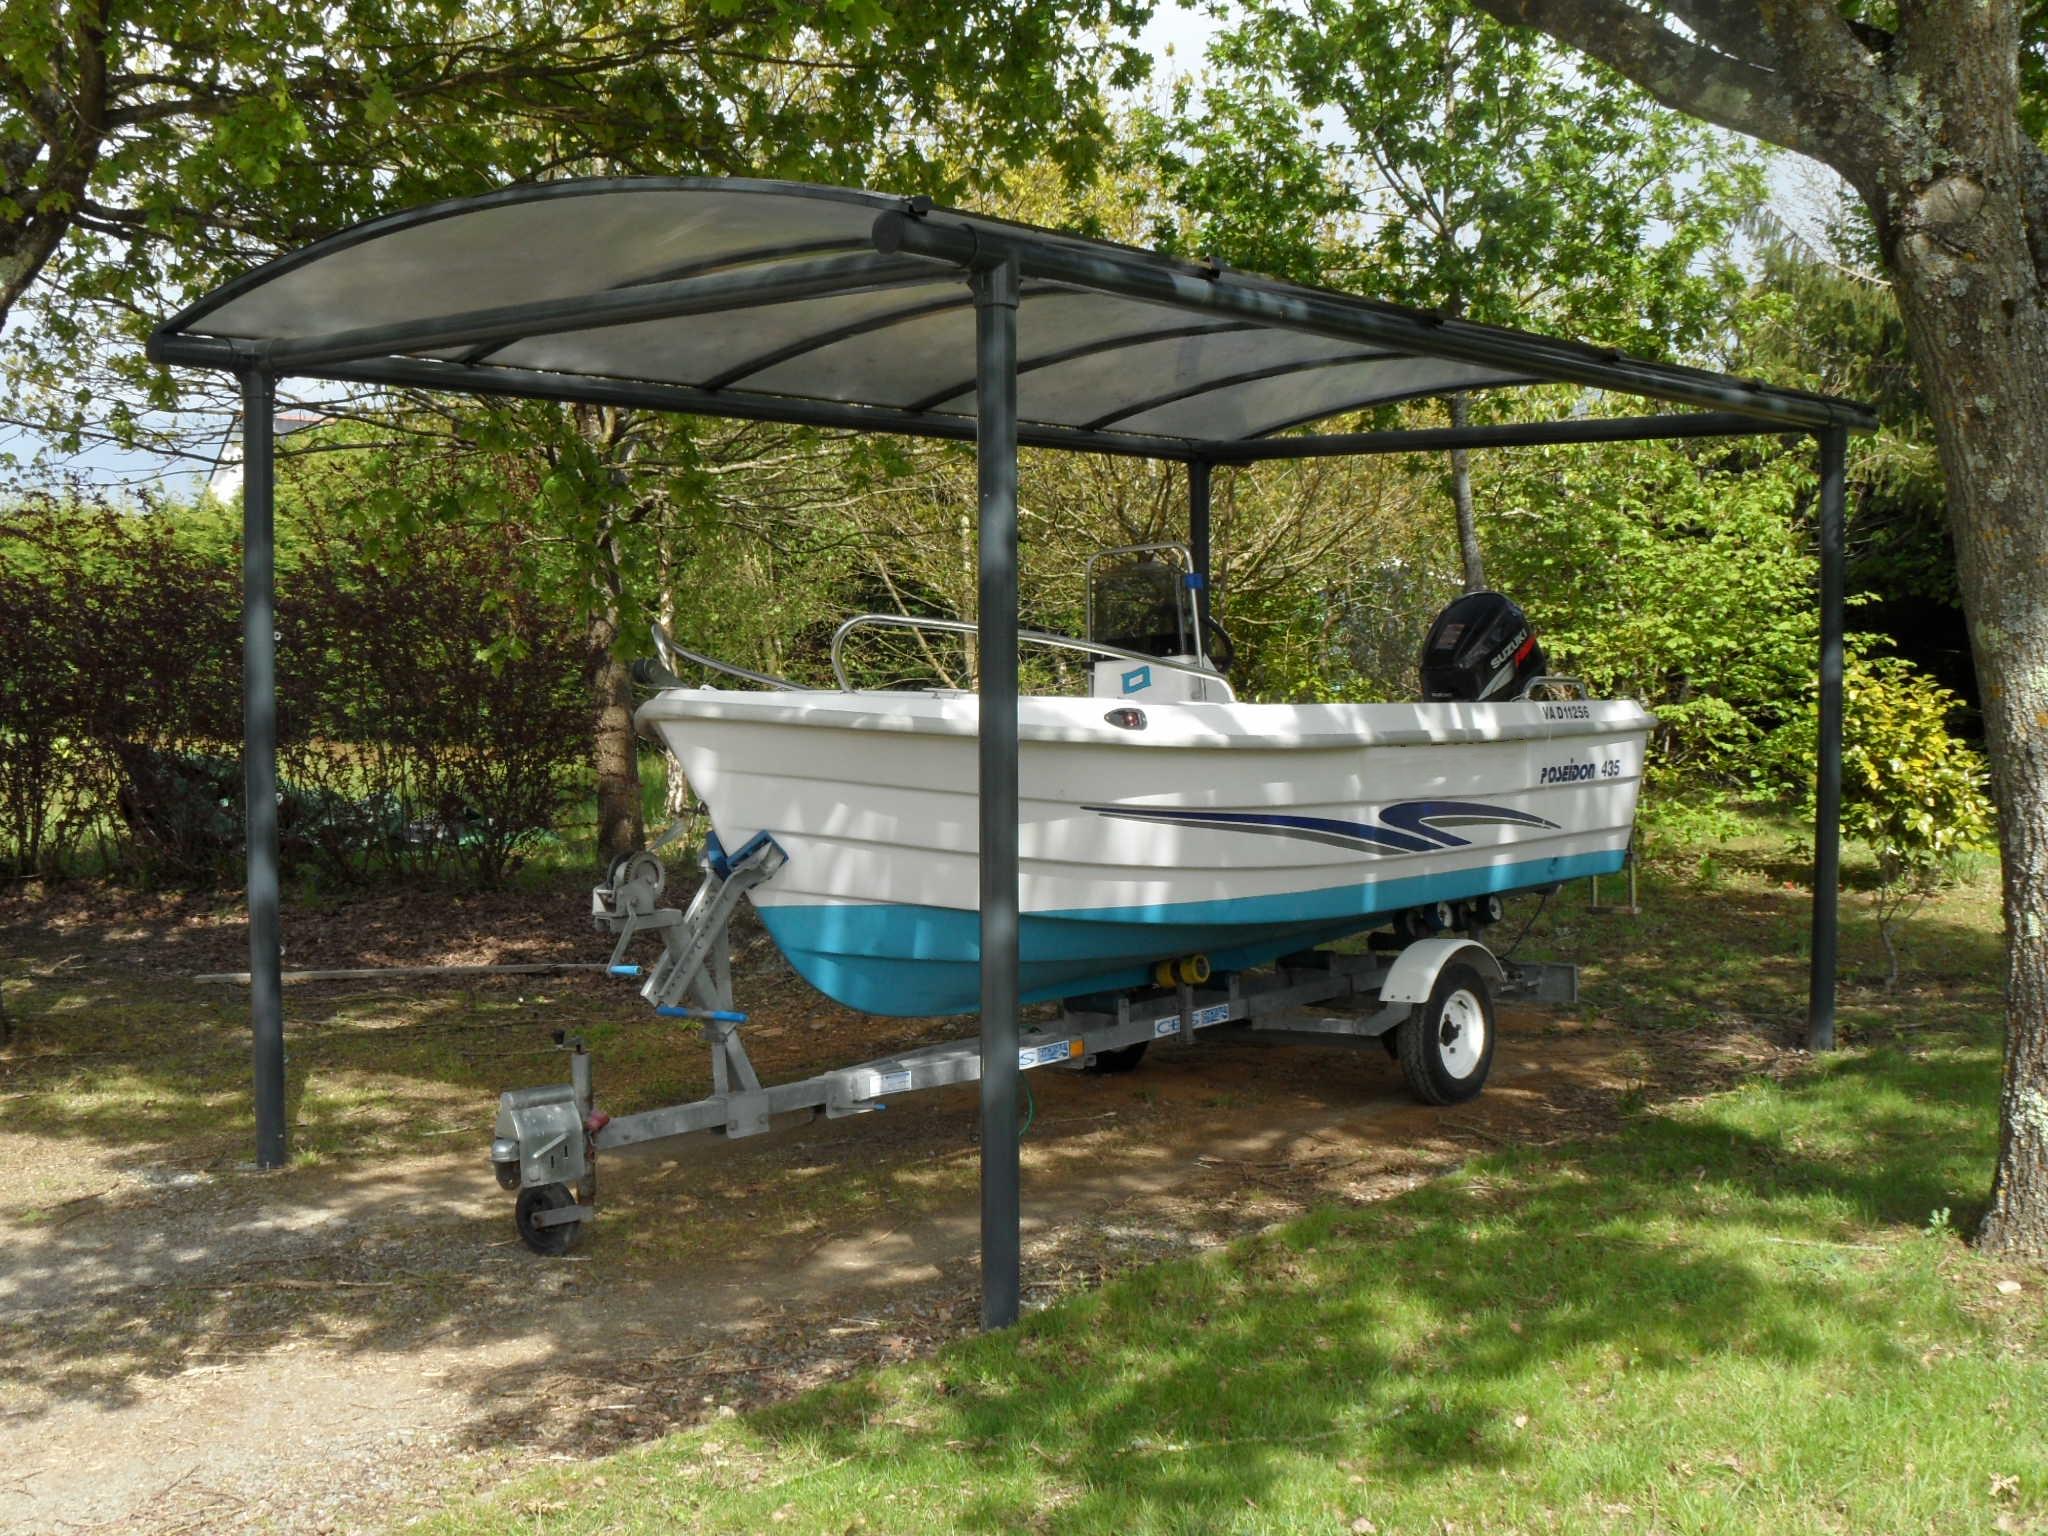 Installation d un abri pour prot ger son bateau de la - Abri pour bateau ...